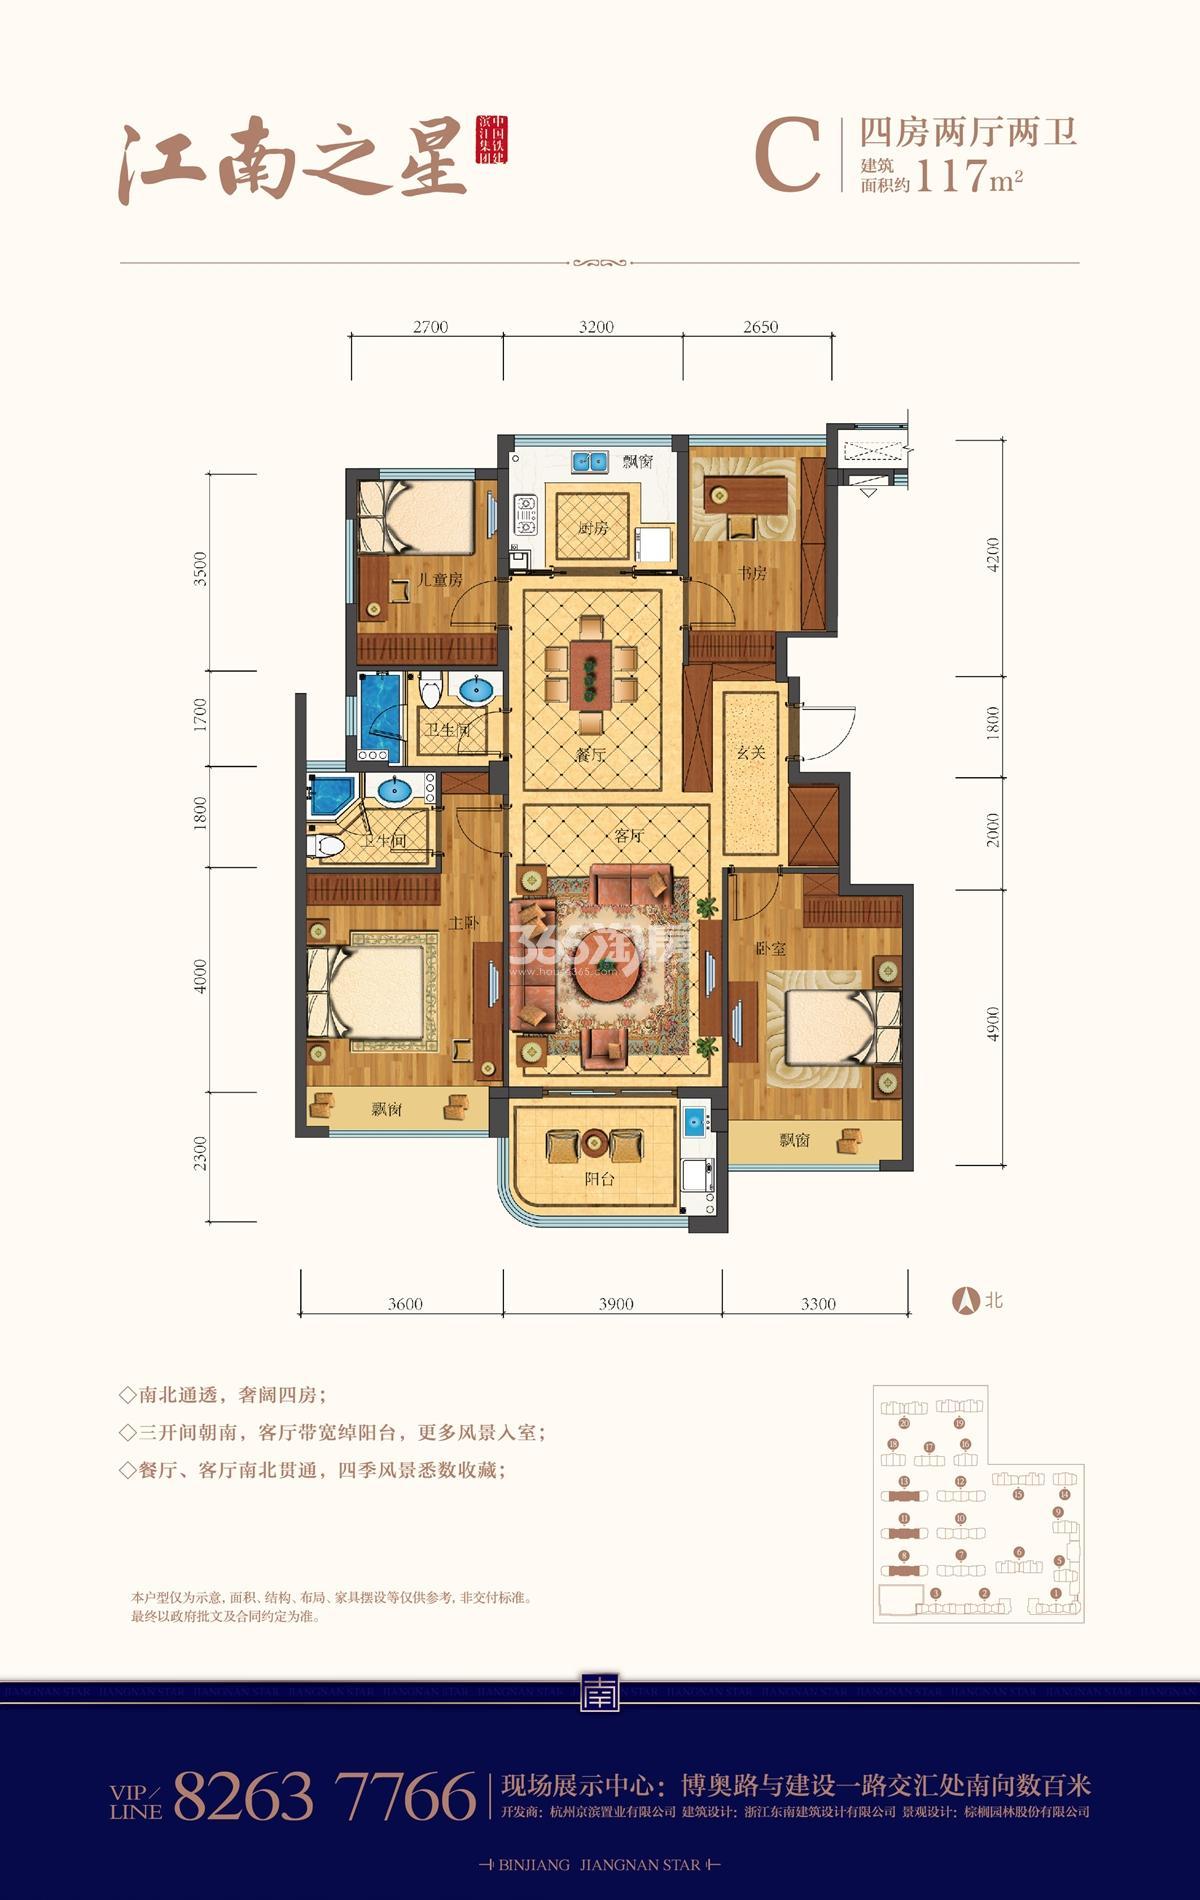 滨江江南之星C户型117方(8、11、13号楼中间套)